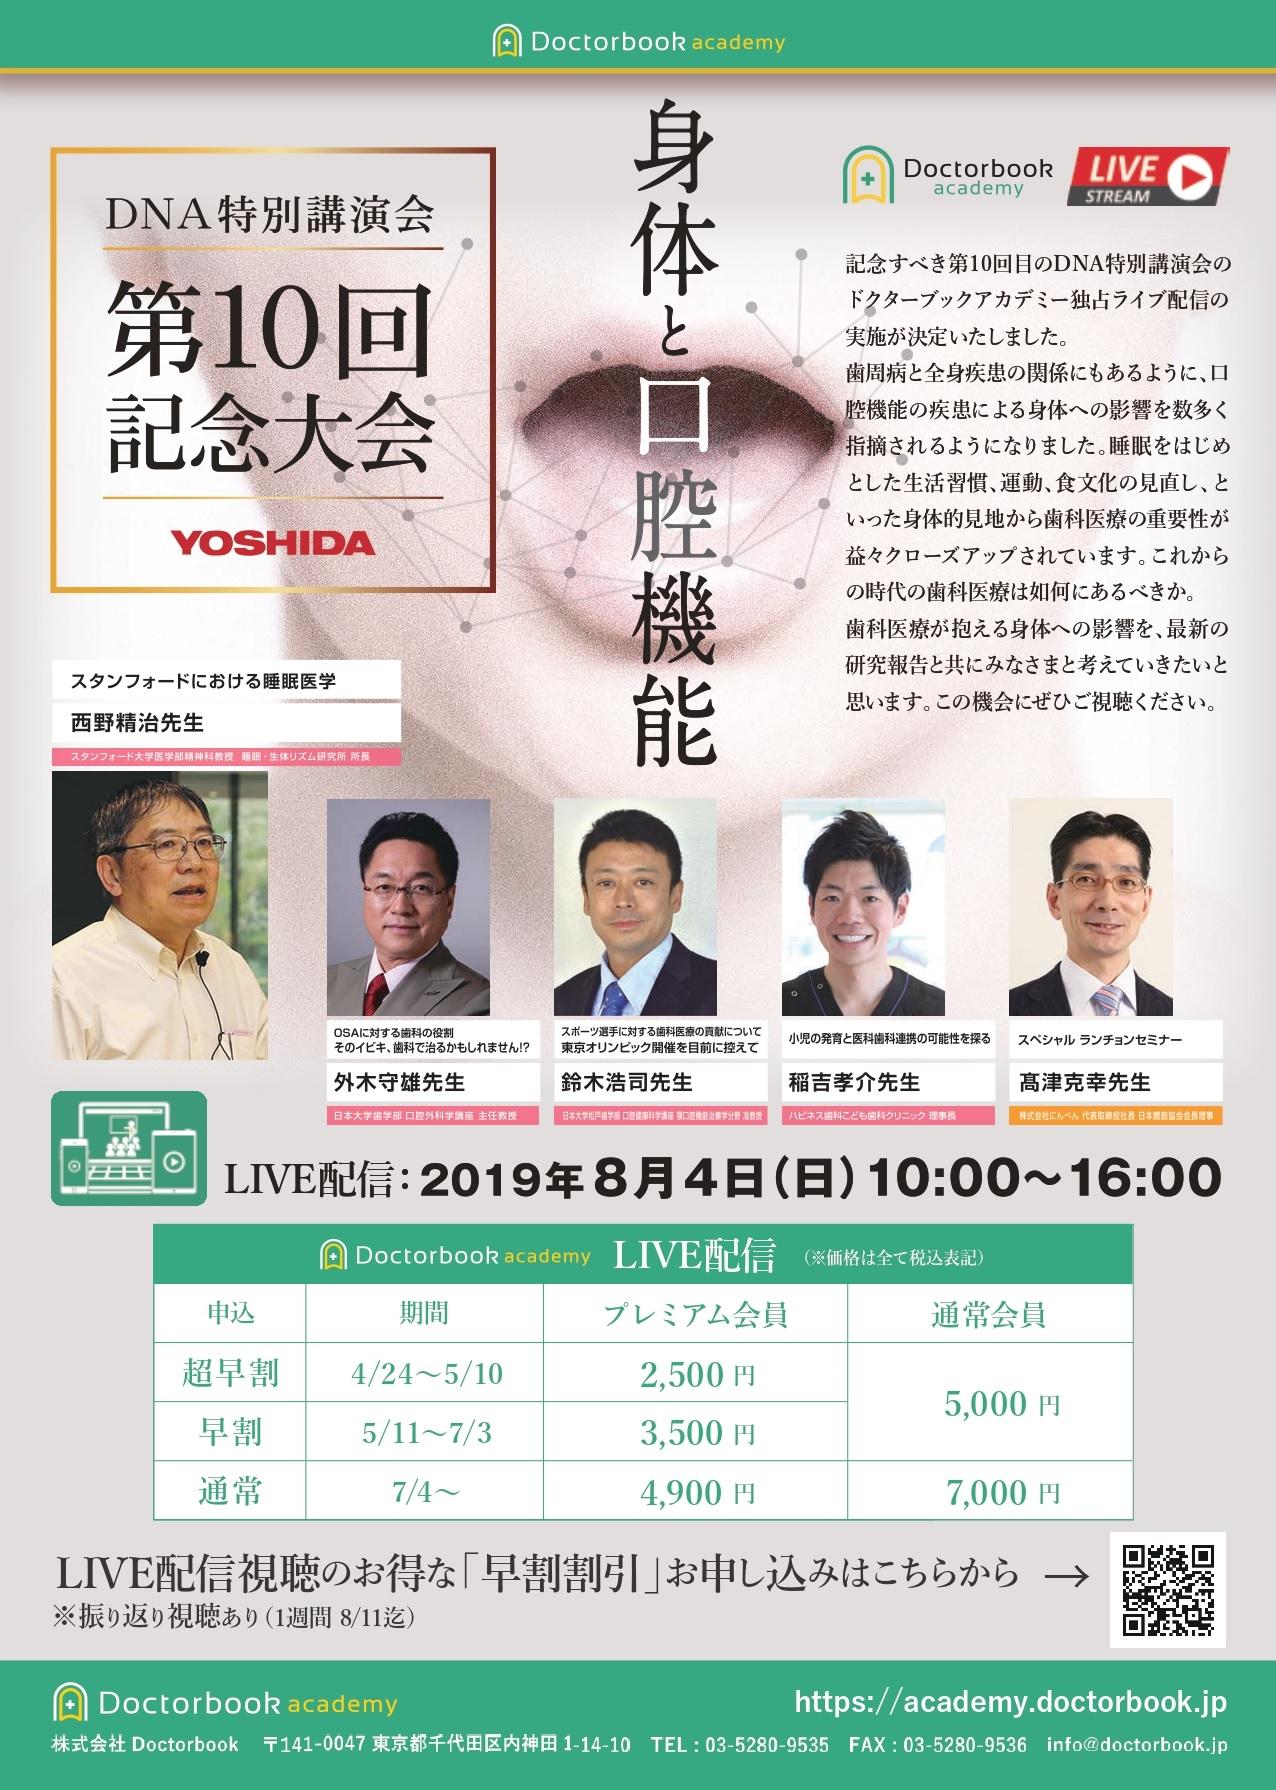 【ライブ配信】第10回DNA特別講演会 ~身体と口腔機能~